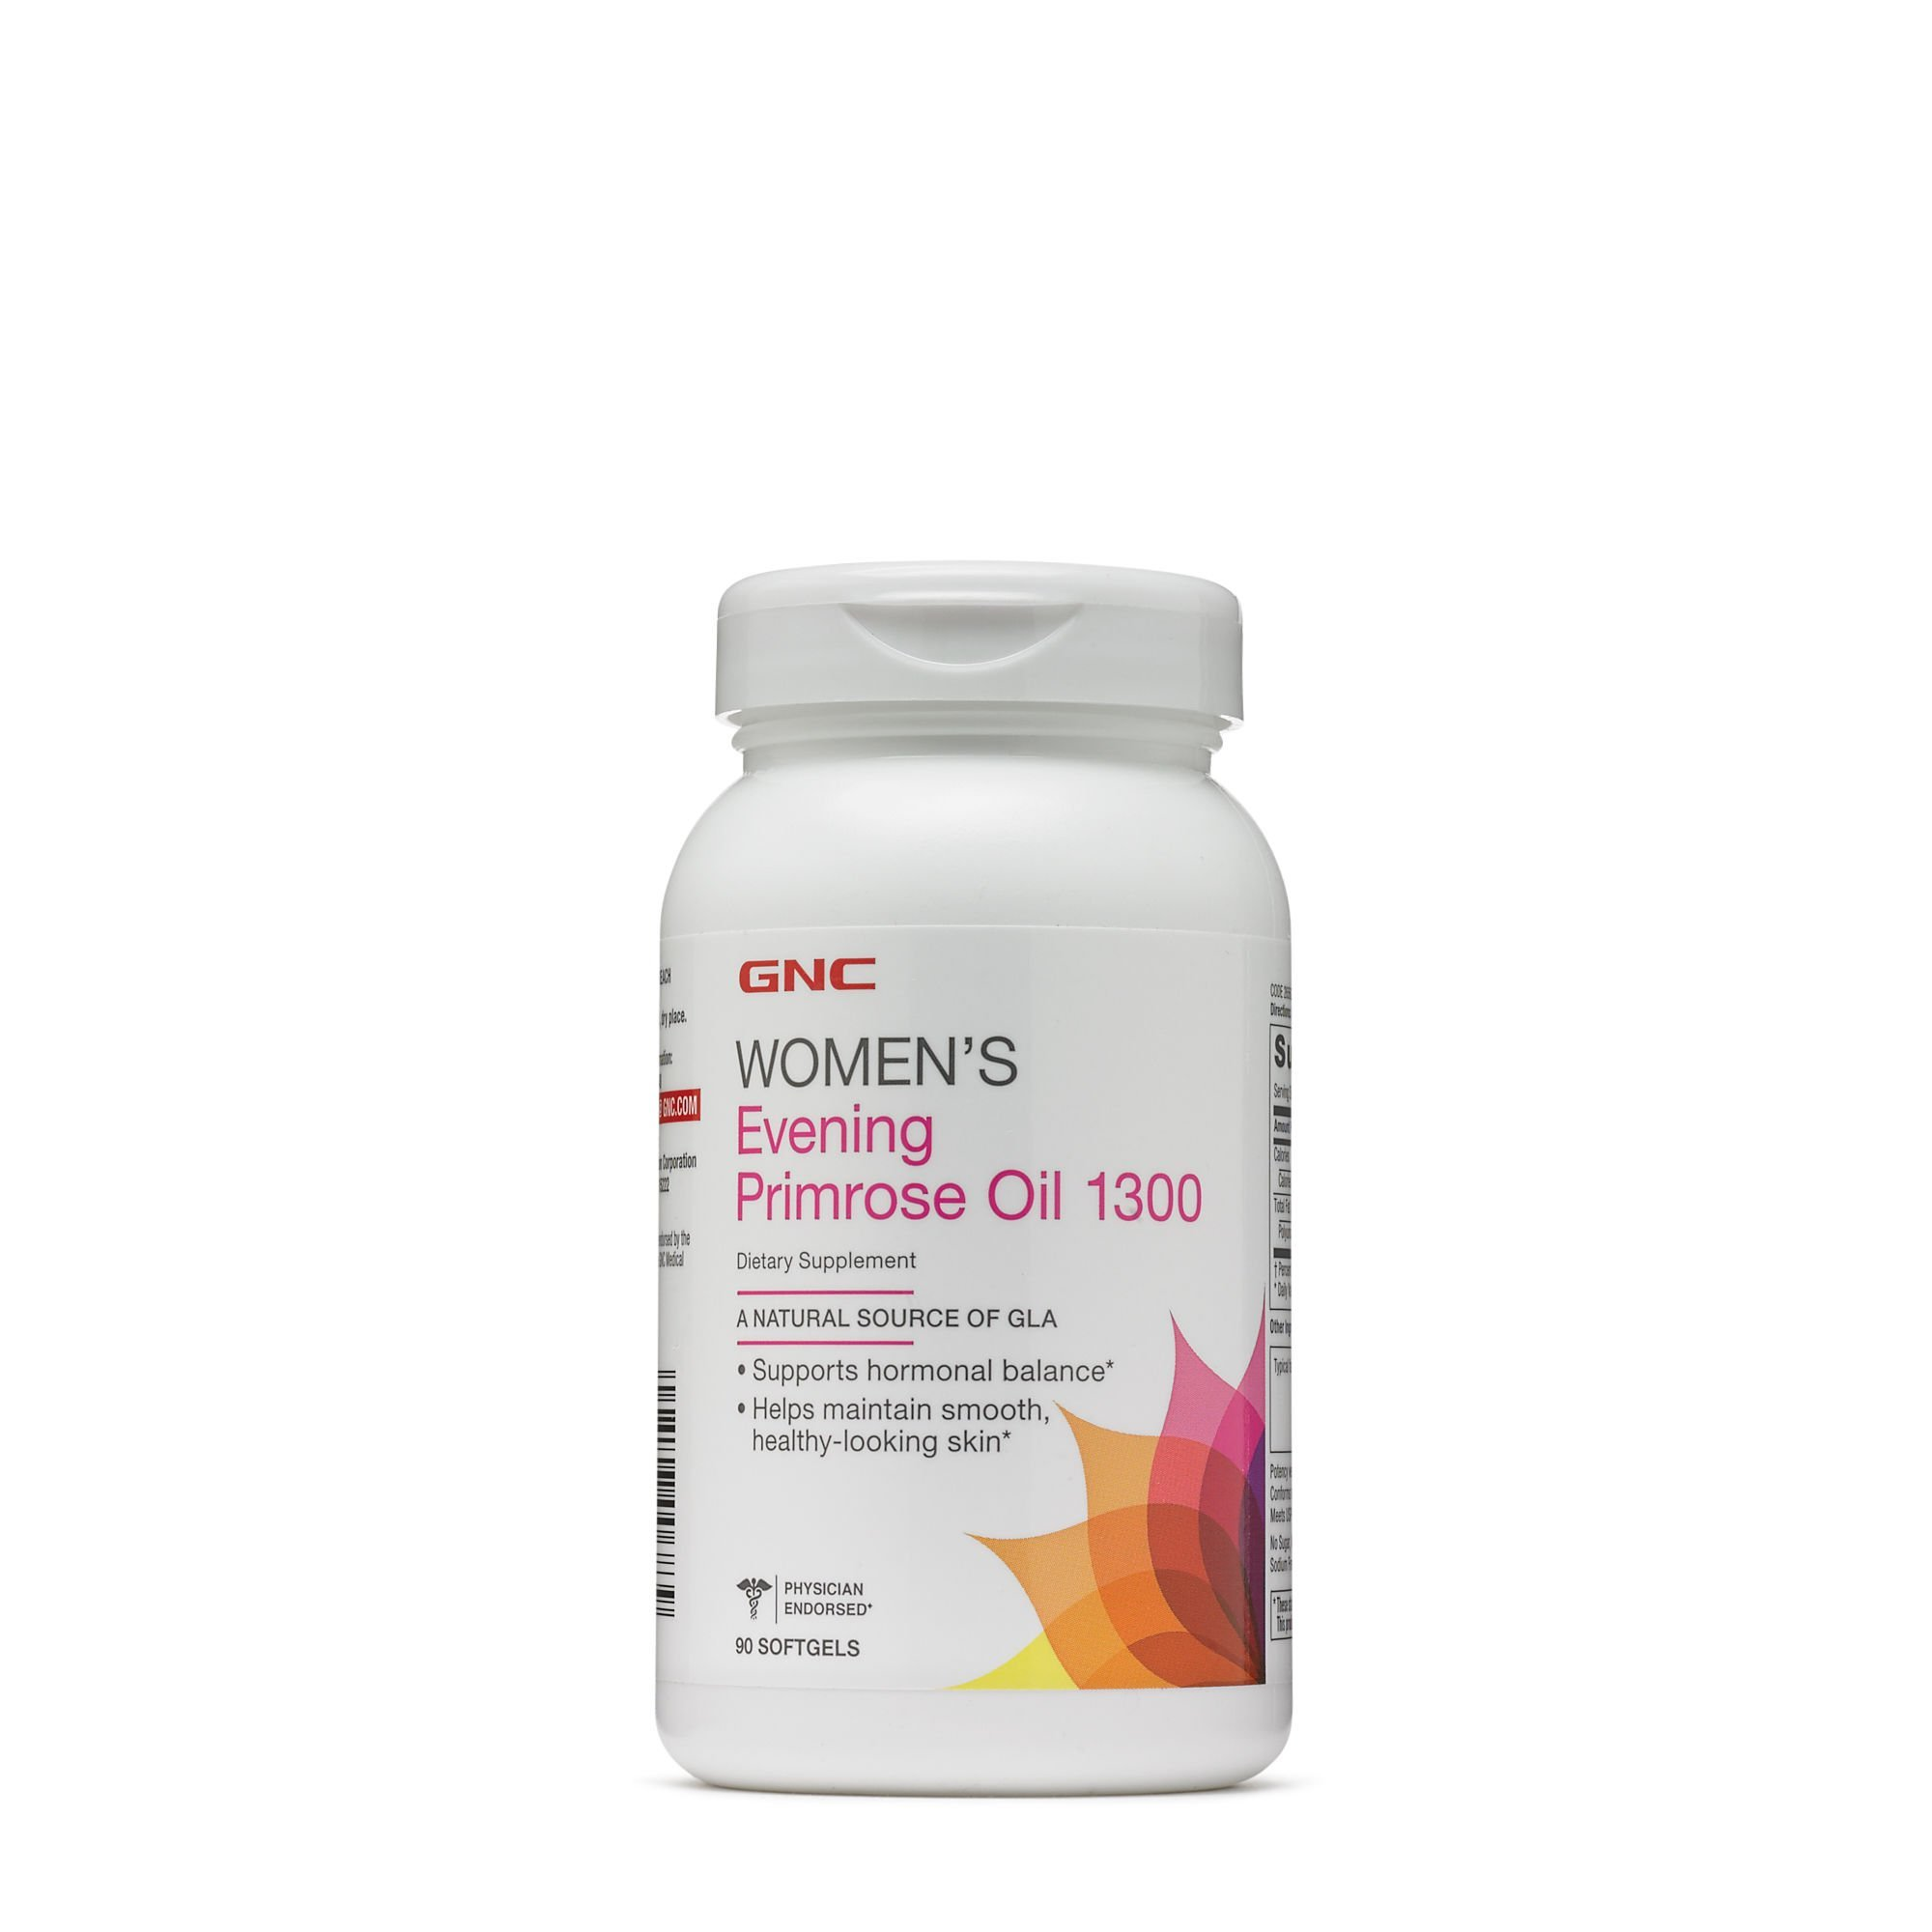 GNC Women's Evening Primrose Oil 1300 90 Capsules